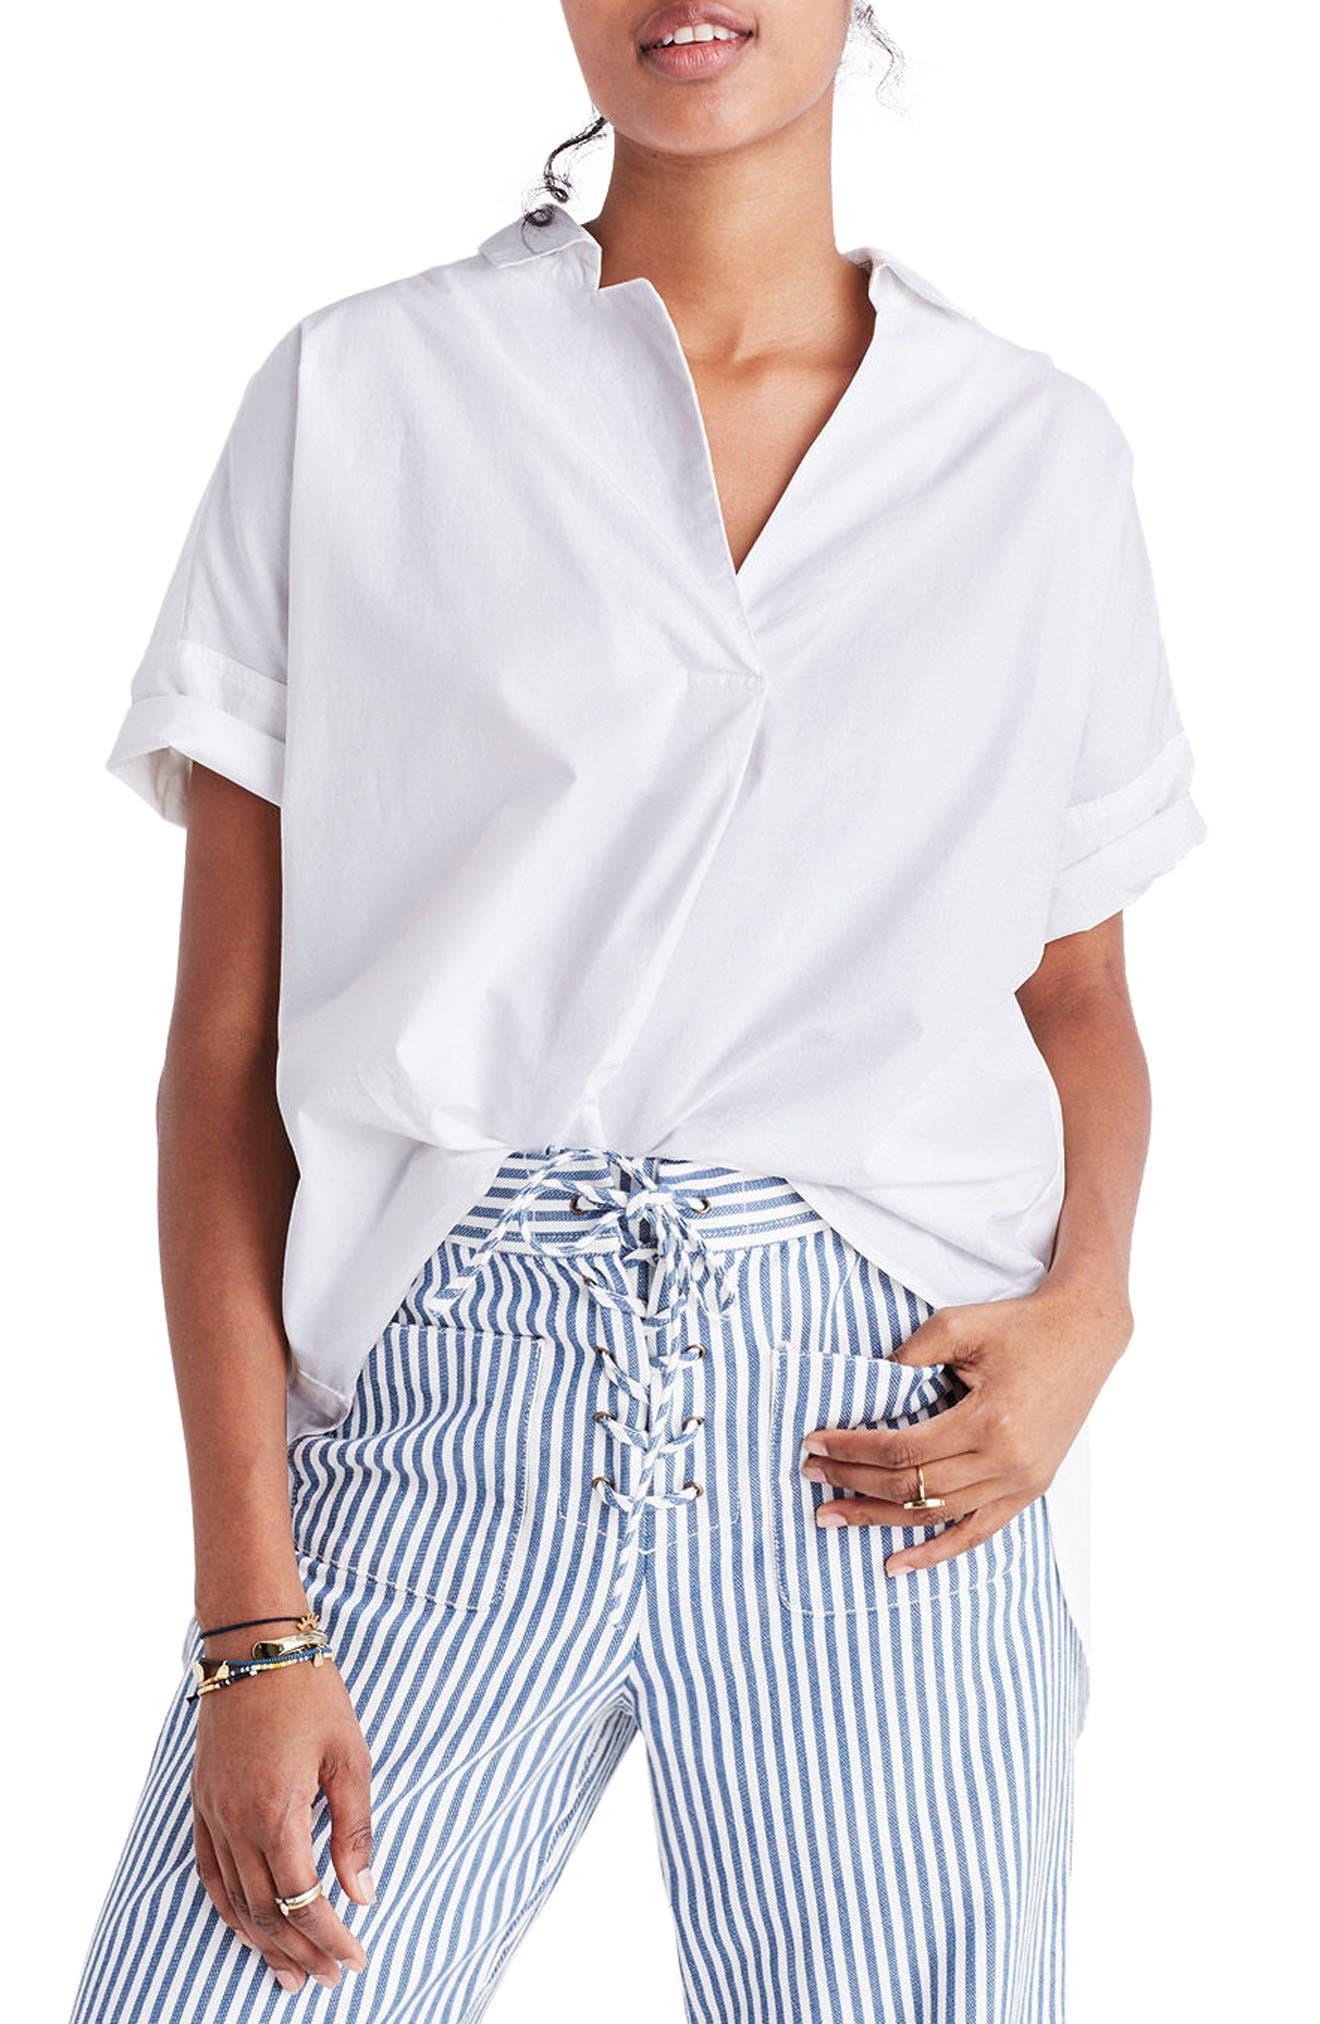 Courier Cotton Shirt,                             Main thumbnail 1, color,